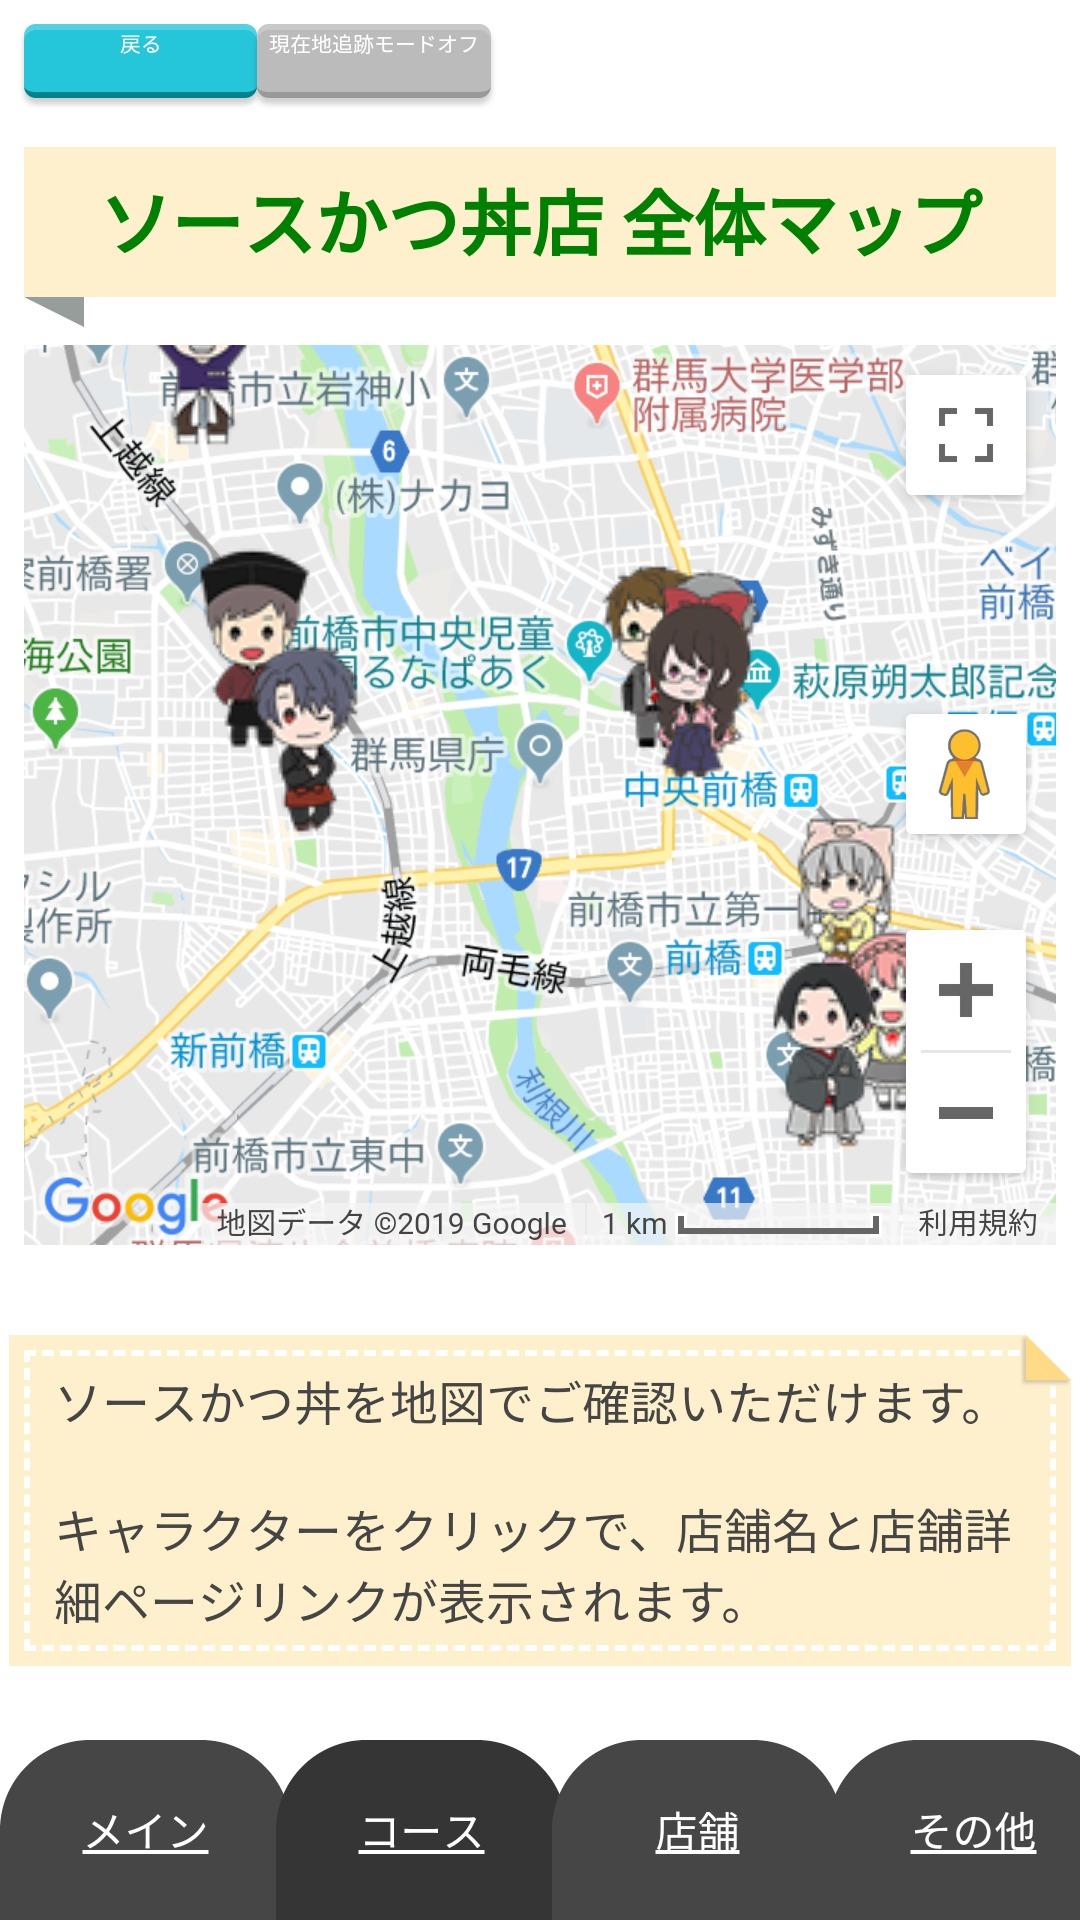 """""""サクッ!!とまえばし キャラクターとソースかつ丼めぐり 地図イメージ"""